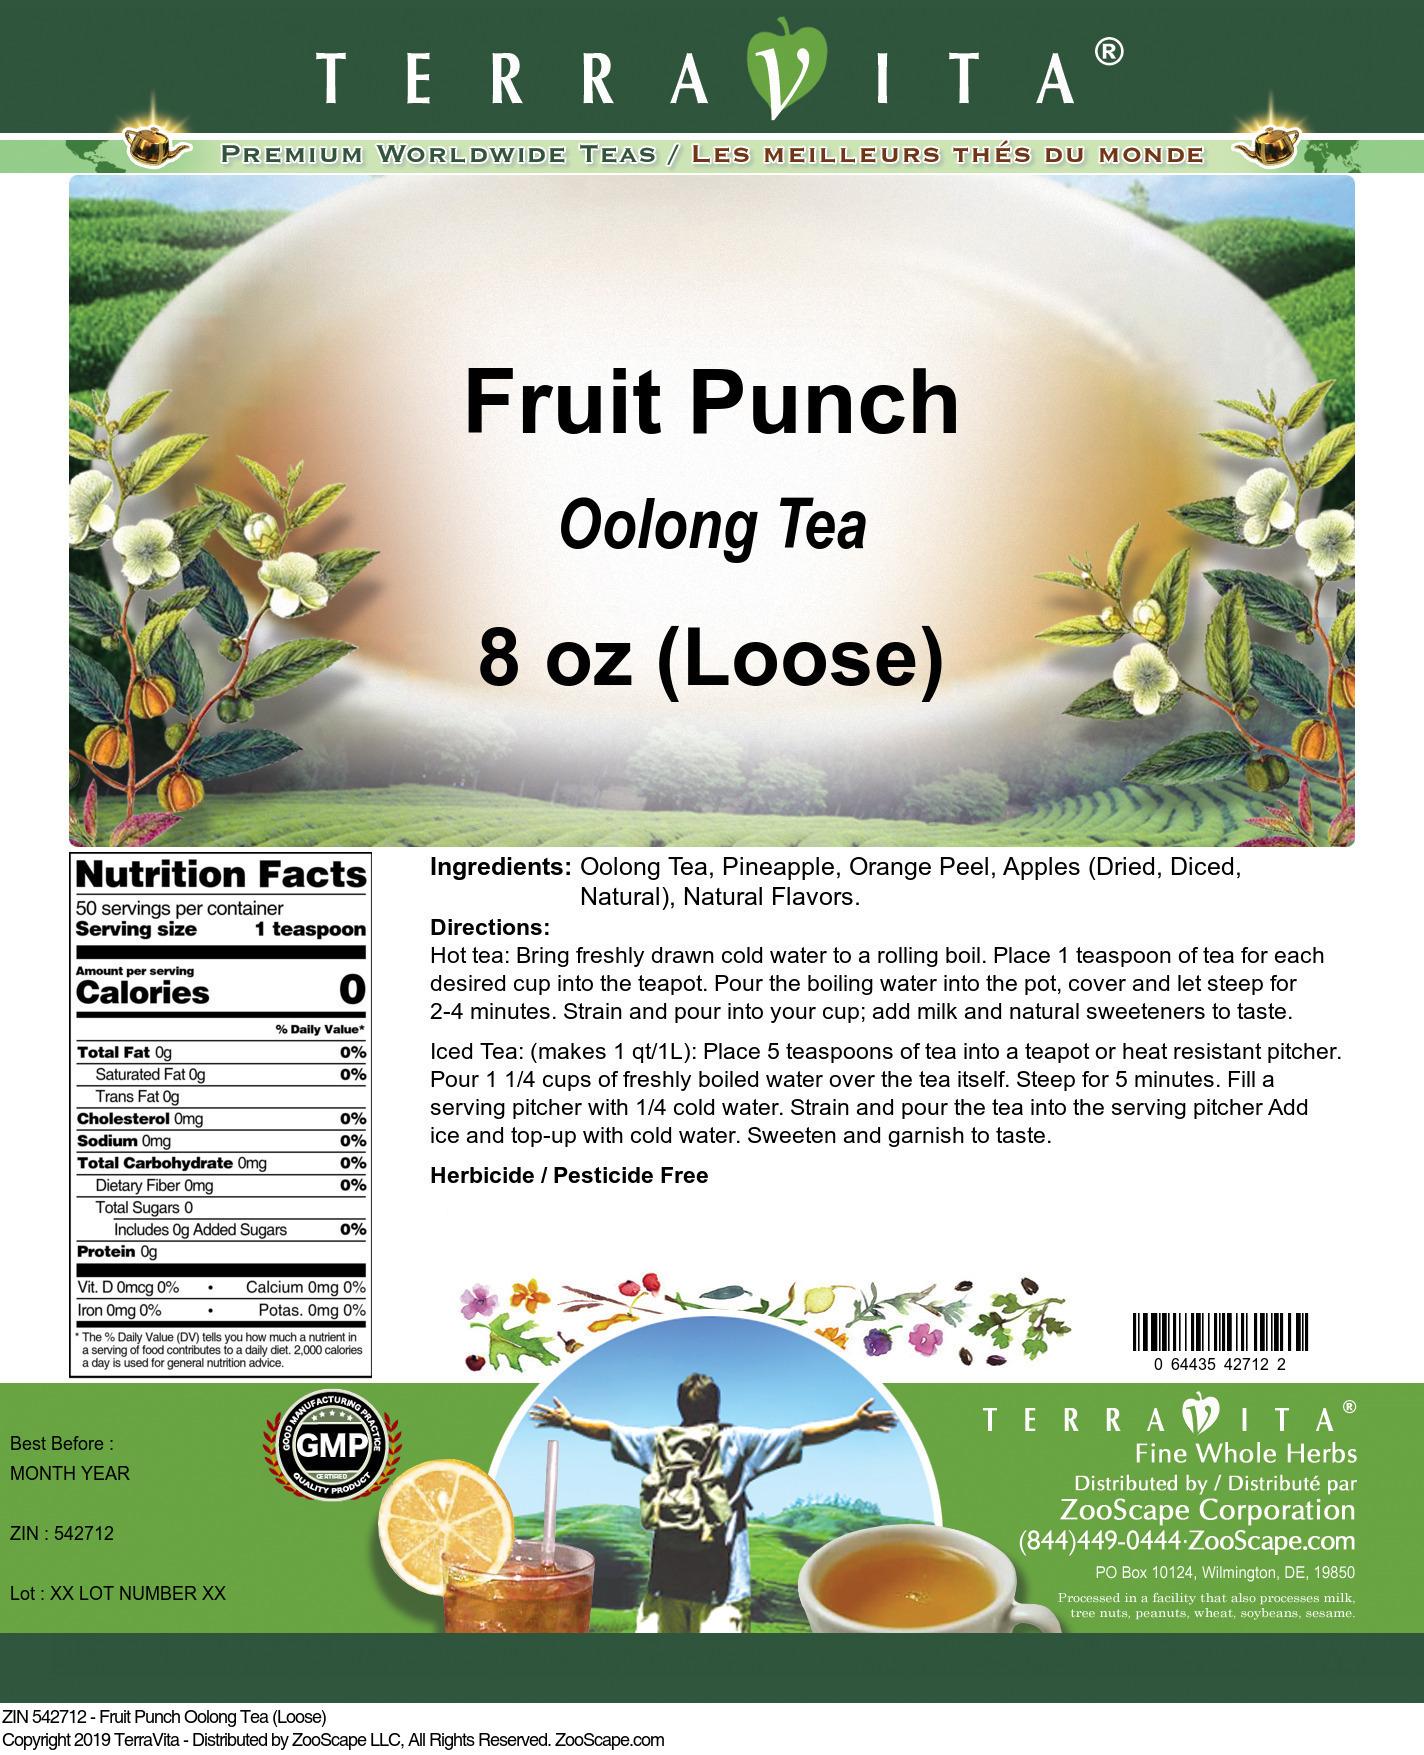 Fruit Punch Oolong Tea